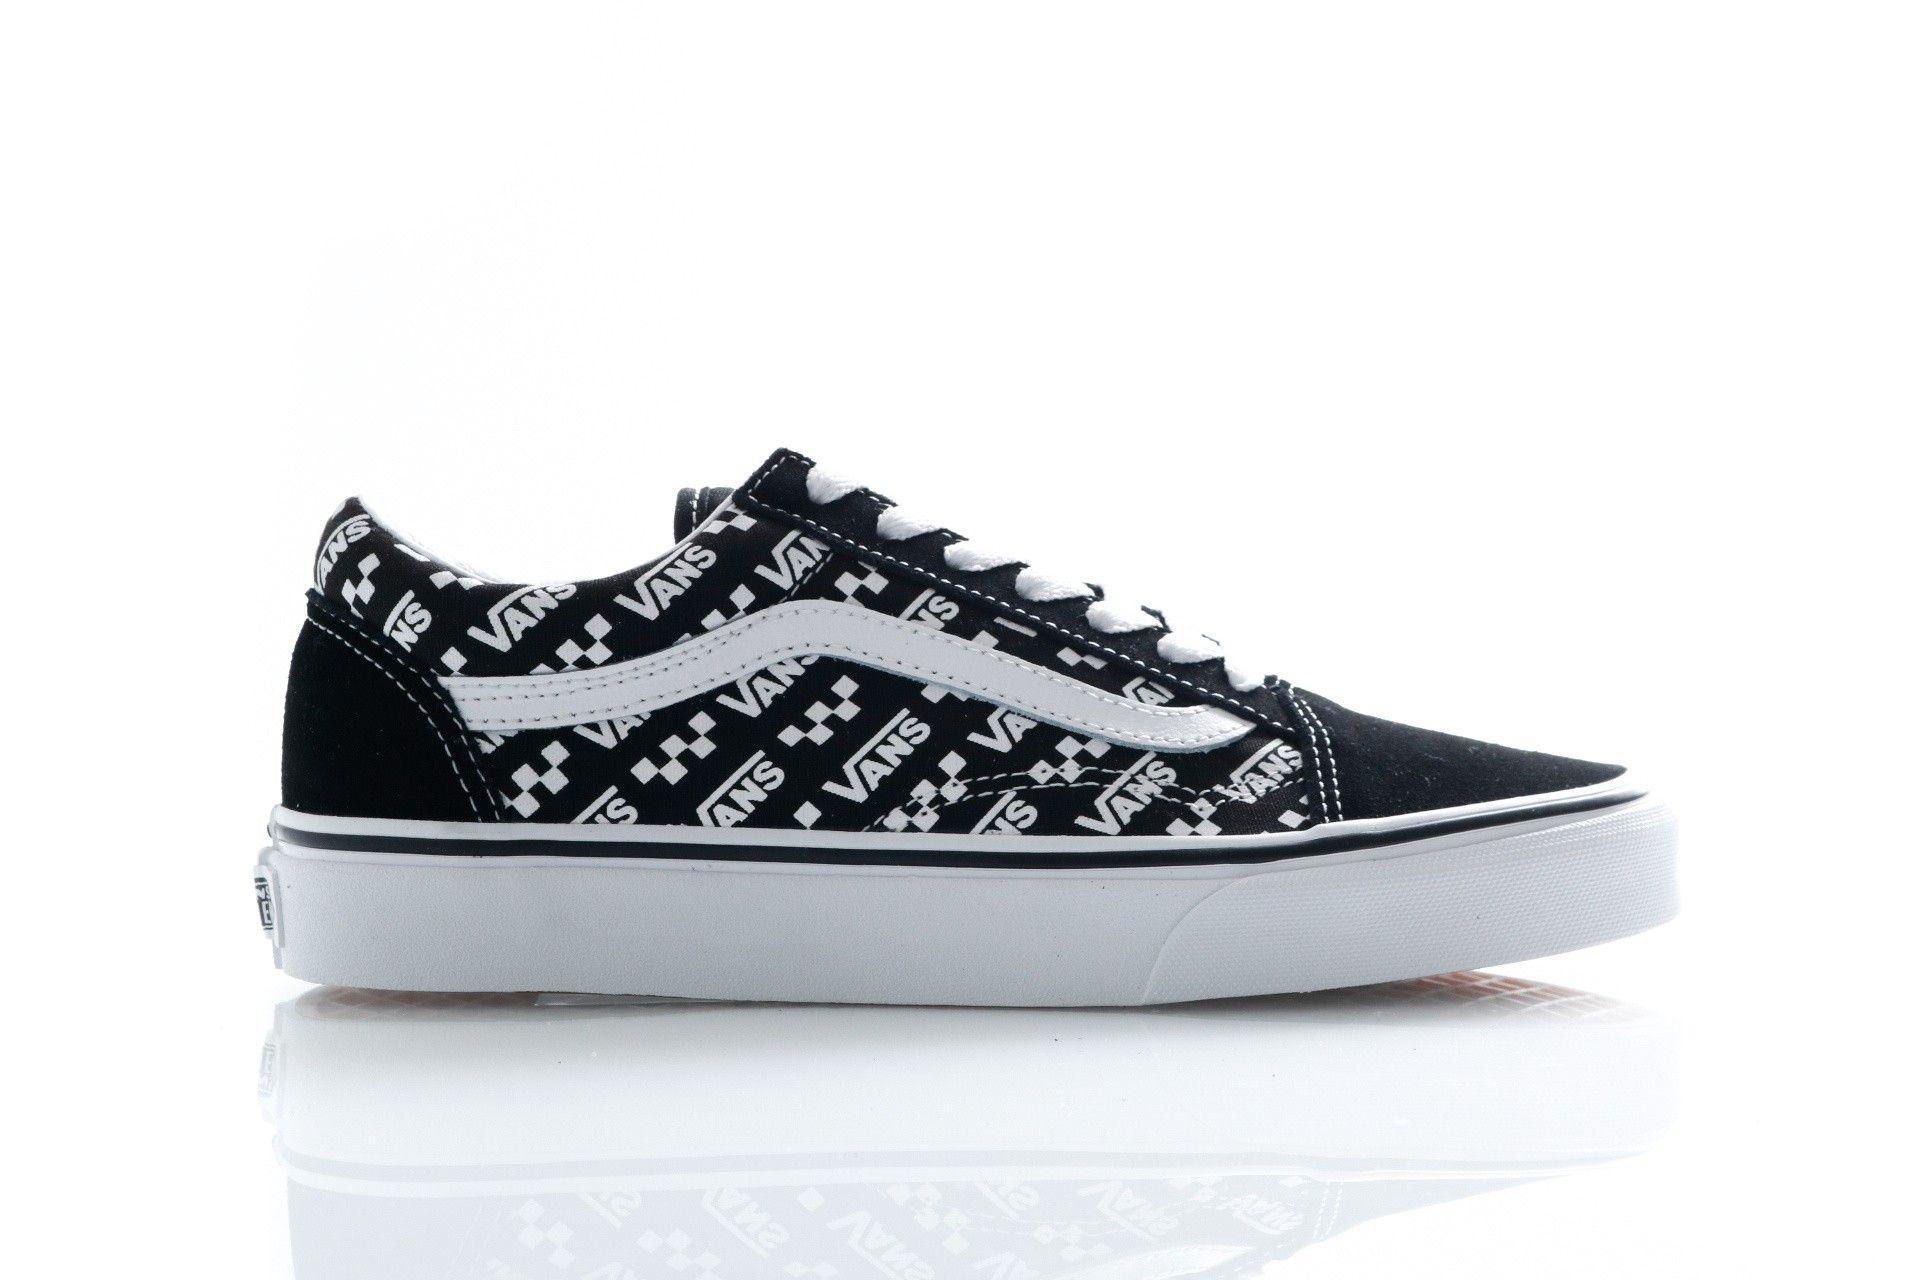 Afbeelding van Vans Sneakers Ua Old Skool (Logo Repeat) Blk/True Wht VN0A4U3BTEZ1